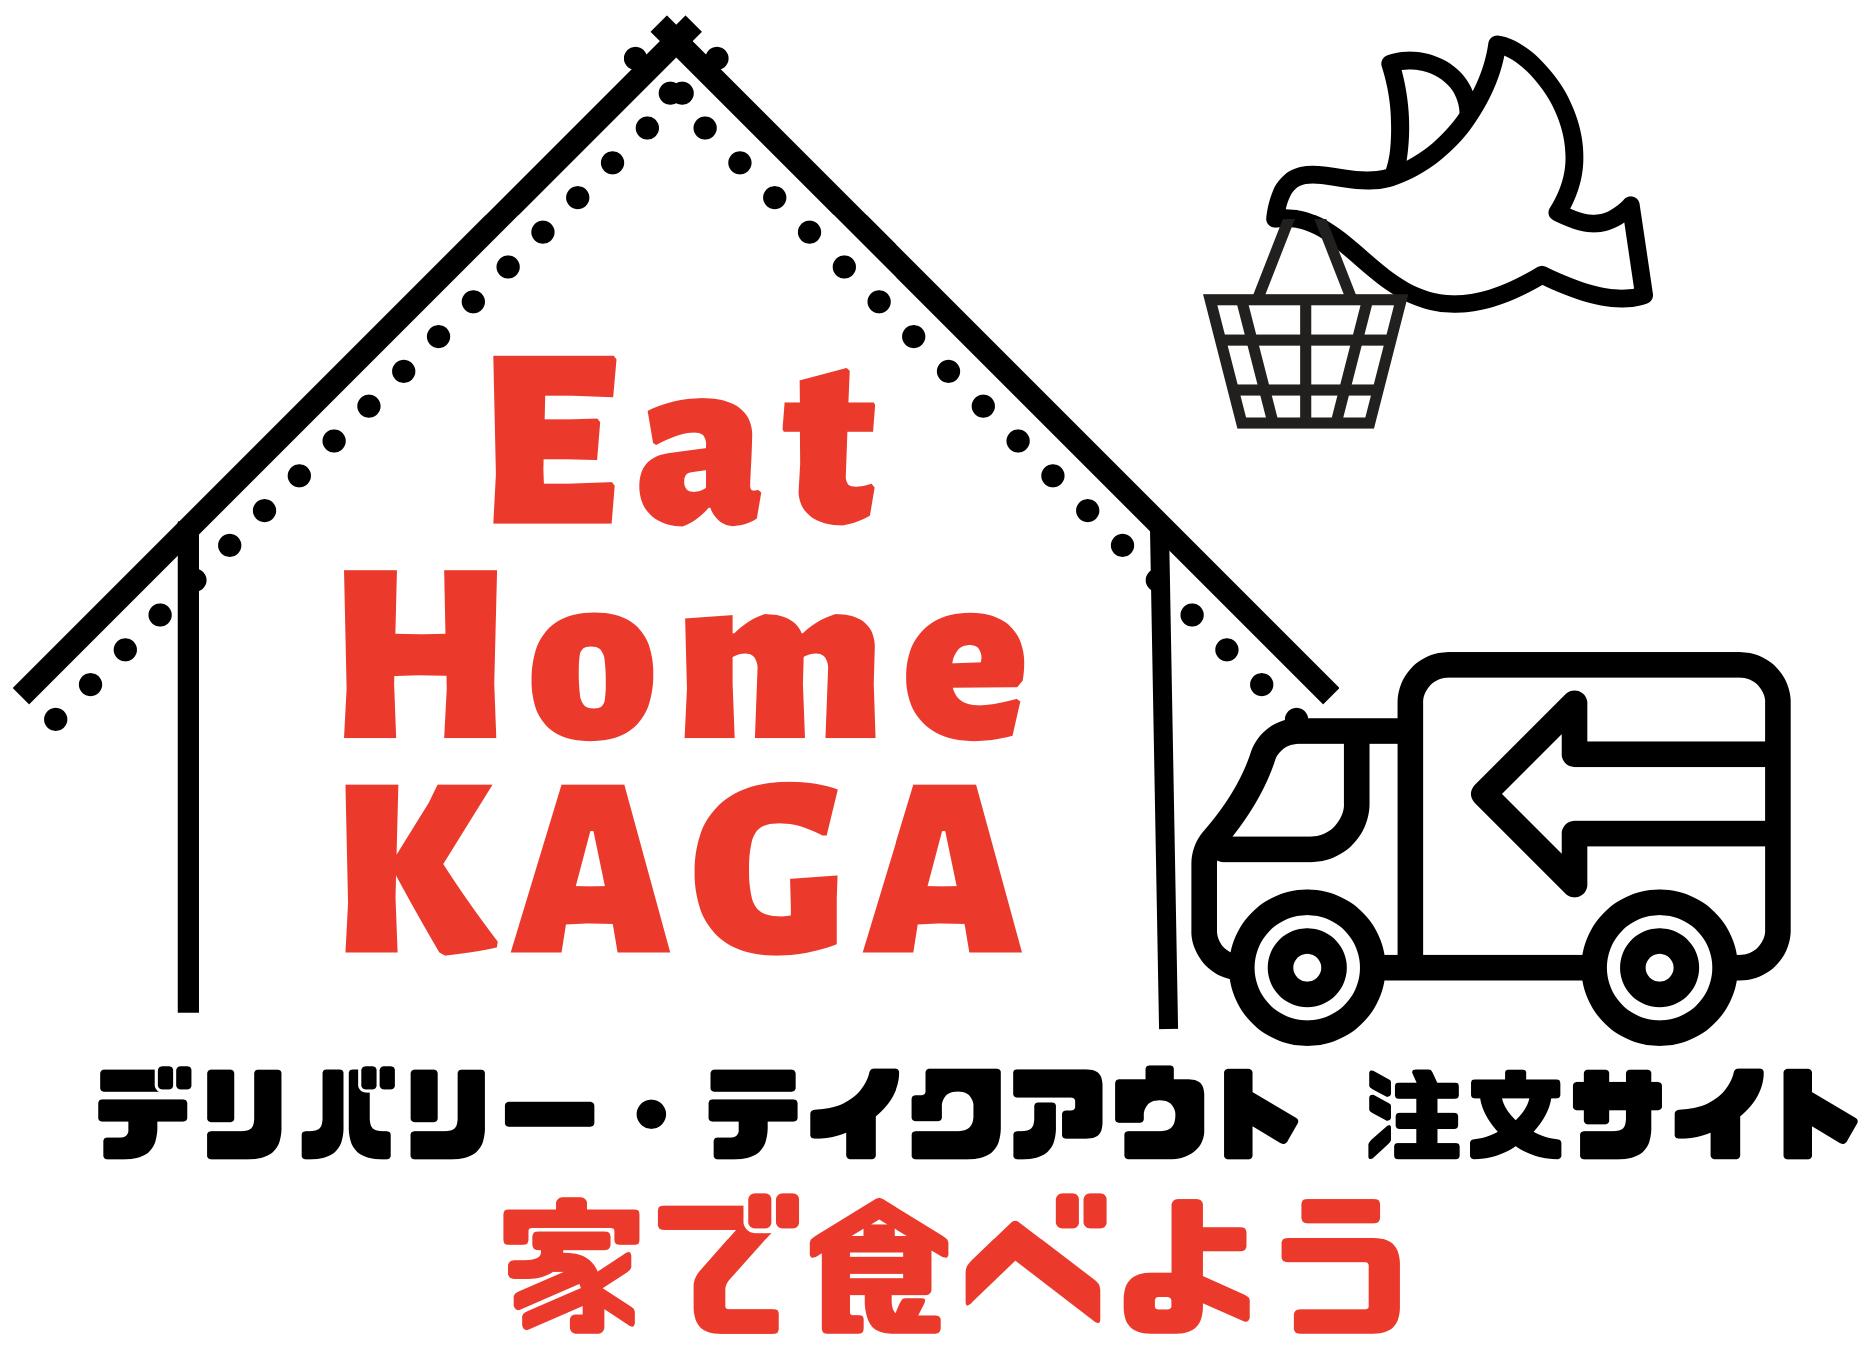 Take out 加賀